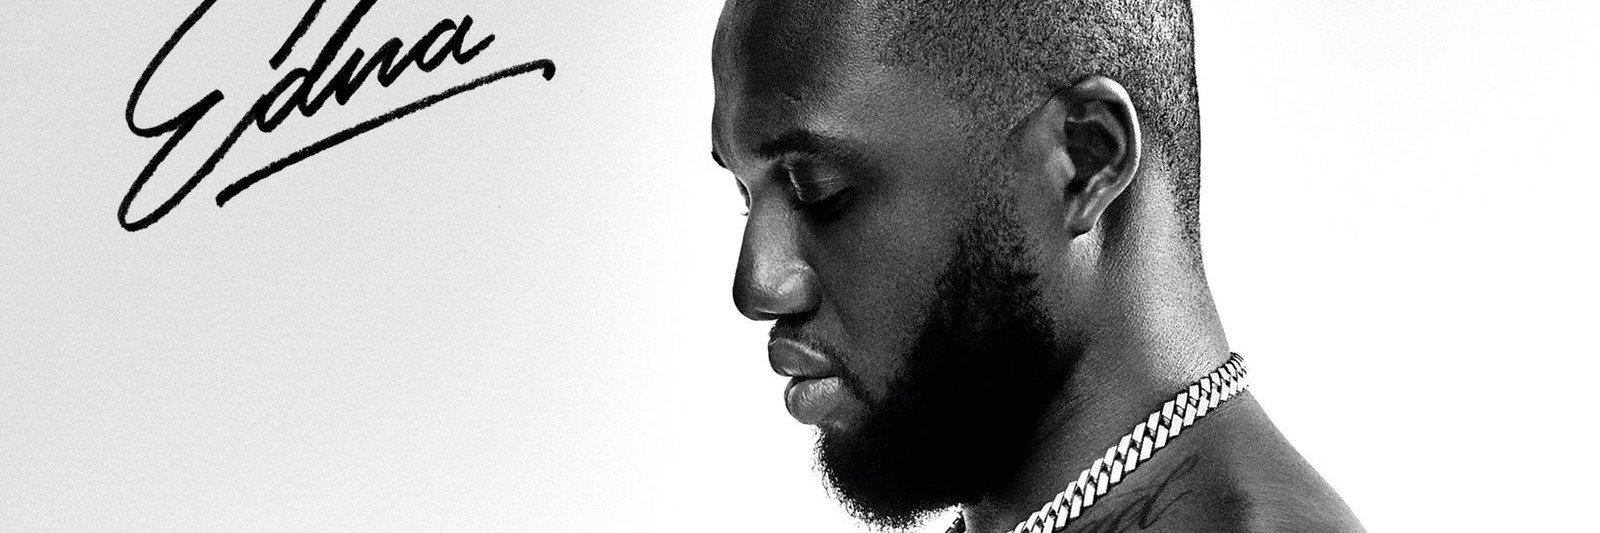 Debiutancki album rapowego objawienia z Wielkiej Brytanii